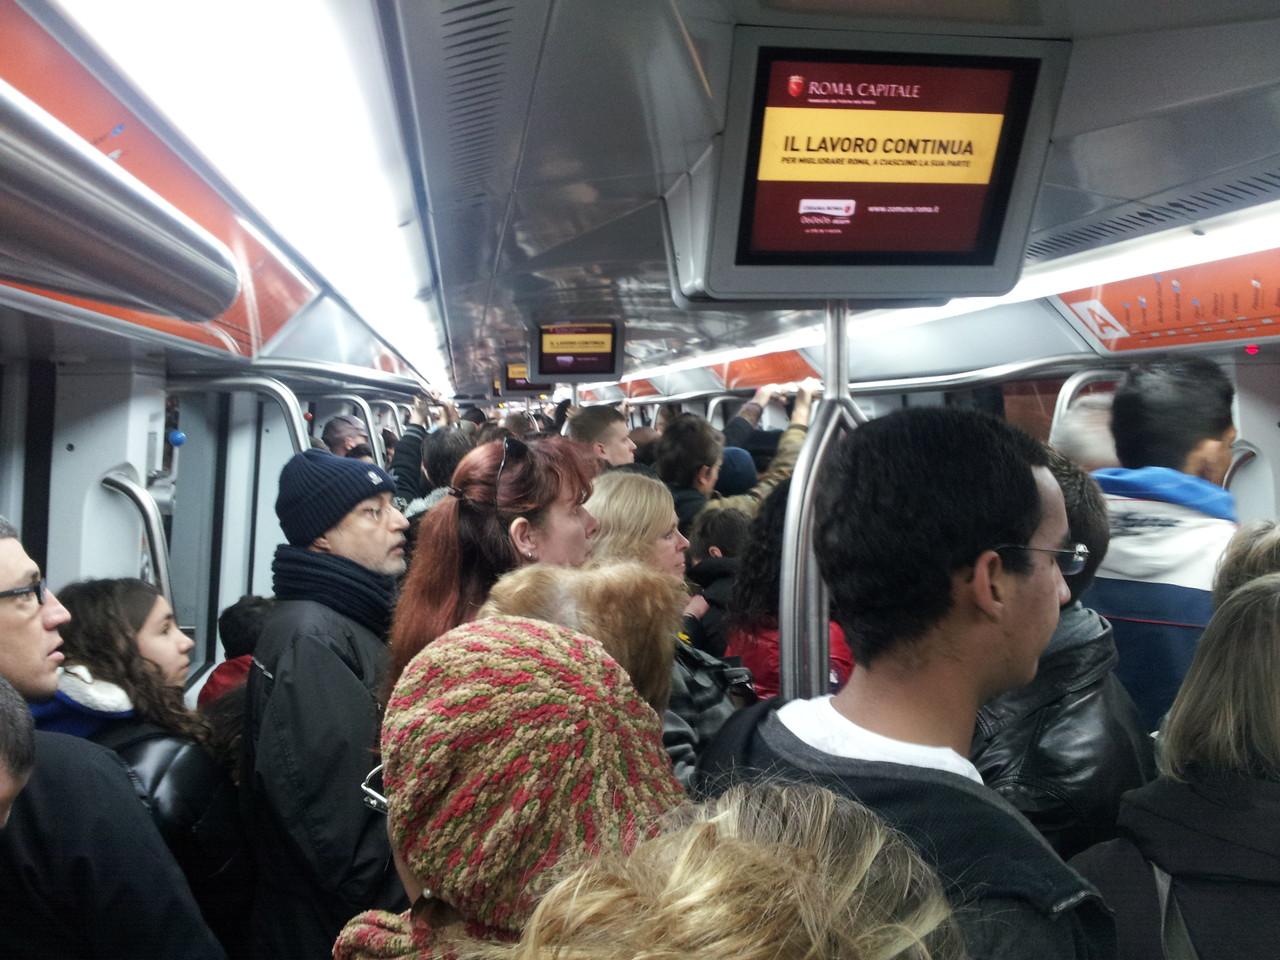 U-Bahn in Rom (10:20 Uhr)